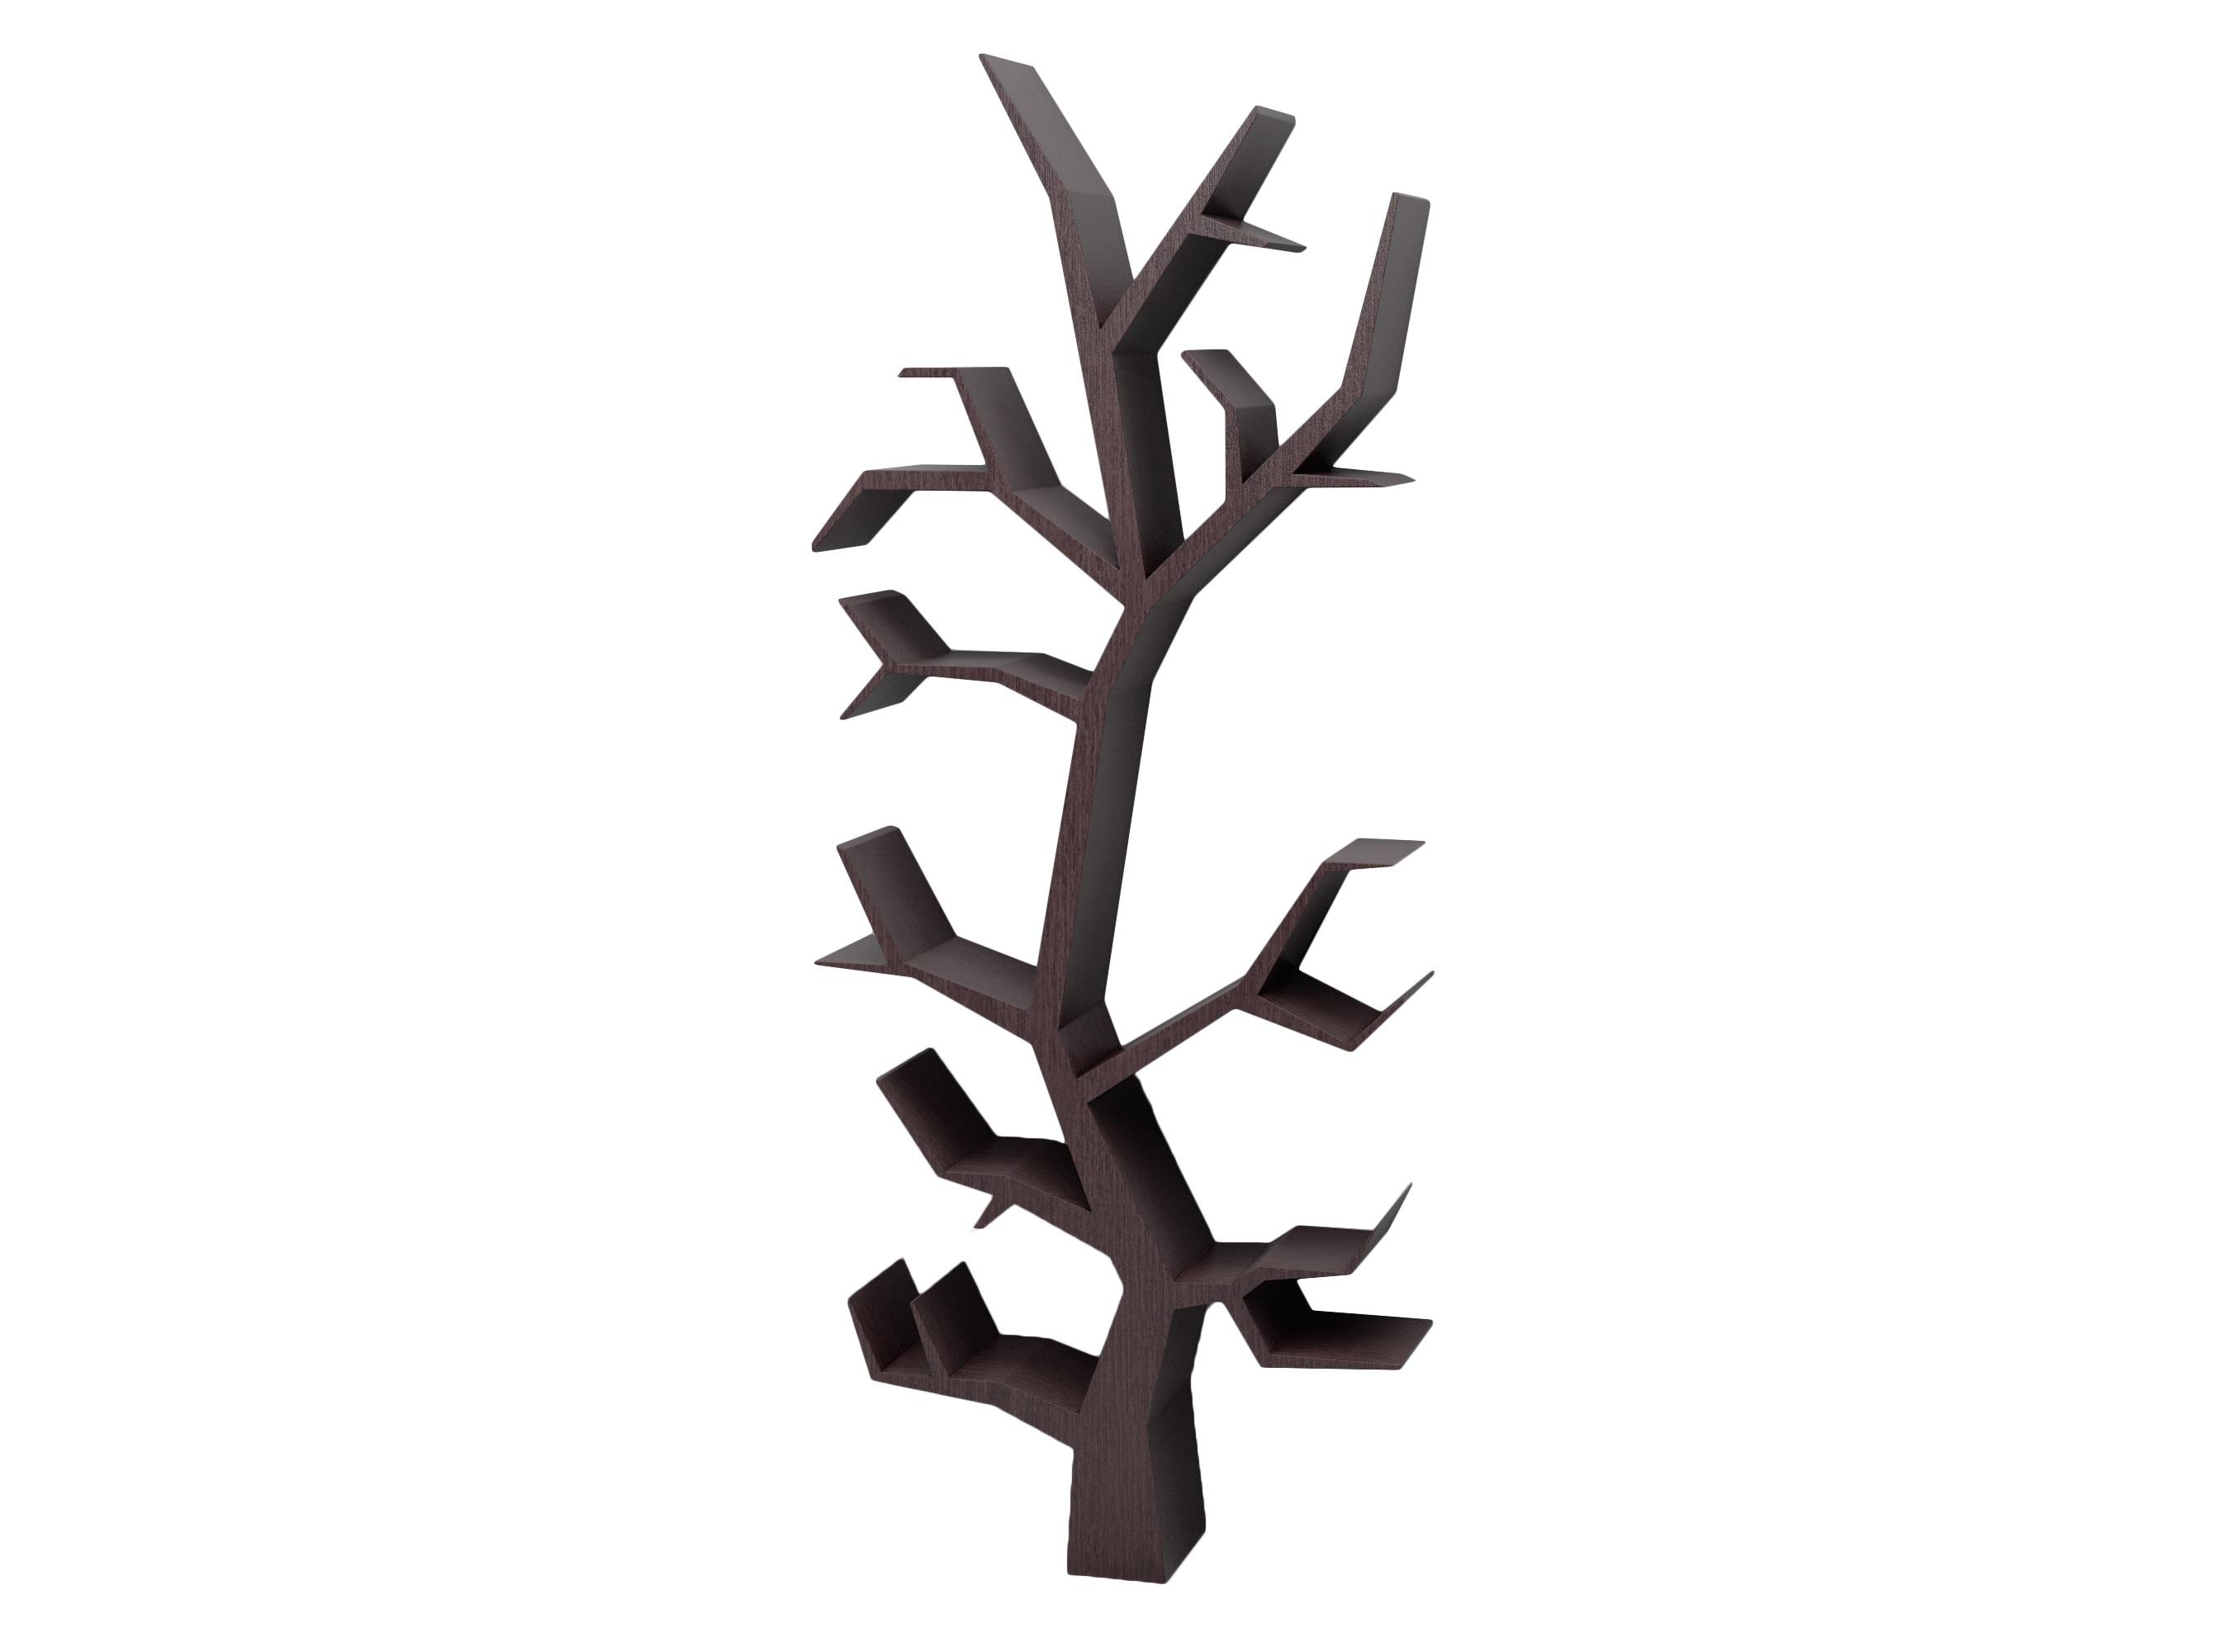 Стеллаж ДеревоСтеллажи и этажерки<br>Креативный стеллаж в виде дерева удобен для хранения книг и различных мелочей&amp;amp;nbsp;&amp;lt;div&amp;gt;&amp;lt;br&amp;gt;&amp;lt;/div&amp;gt;&amp;lt;div&amp;gt;Материал: МДФ, шпон&amp;amp;nbsp;&amp;lt;/div&amp;gt;<br><br>Material: МДФ<br>Ширина см: 89.0<br>Высота см: 229.0<br>Глубина см: 24.0